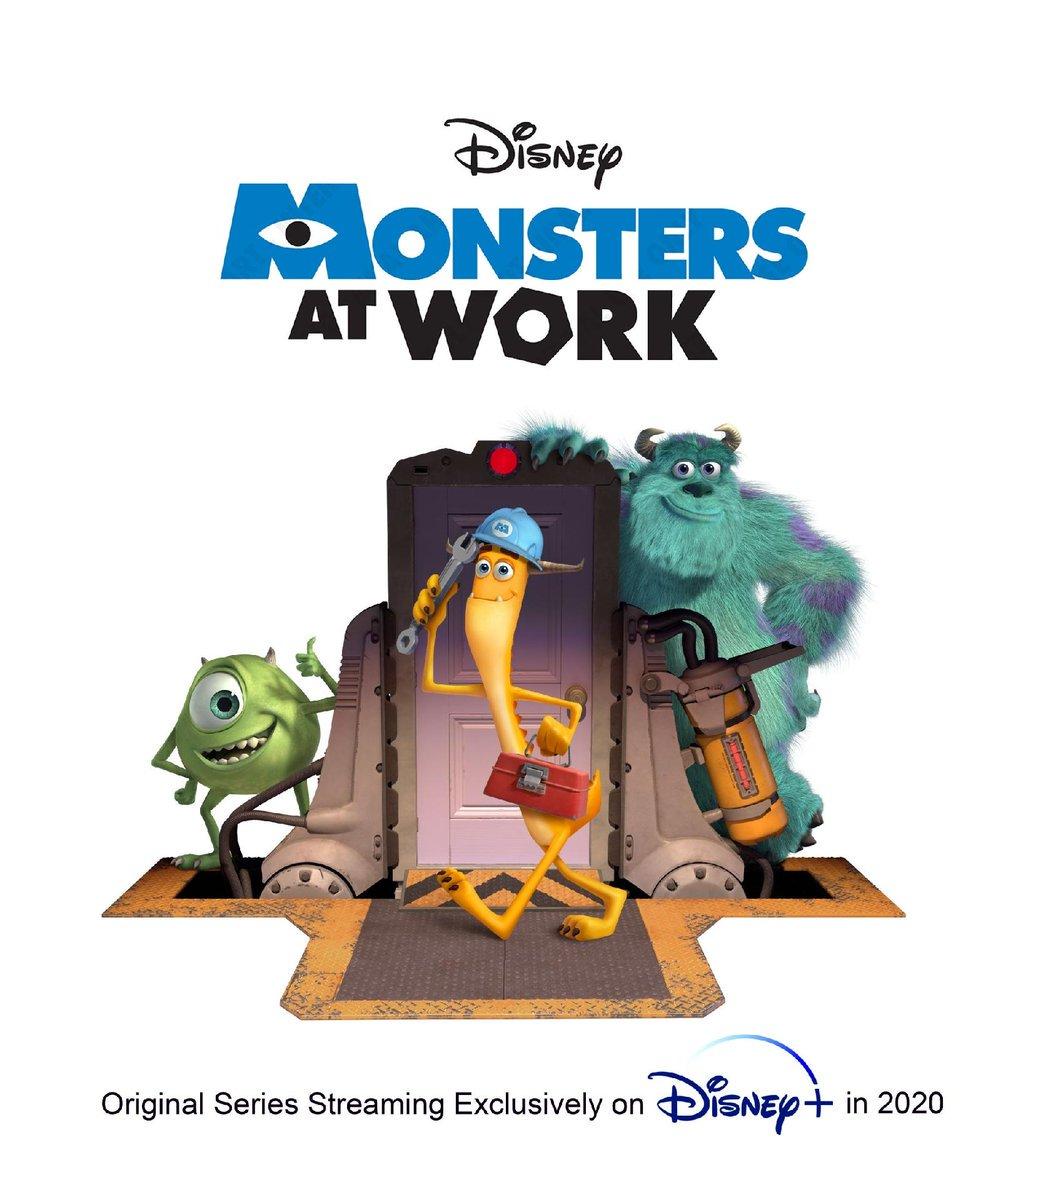 """RECinefilia a Twitter: """"Preparados? Monstros ao Trabalho é a série do  Disney + sobre os monstros s.a… """""""